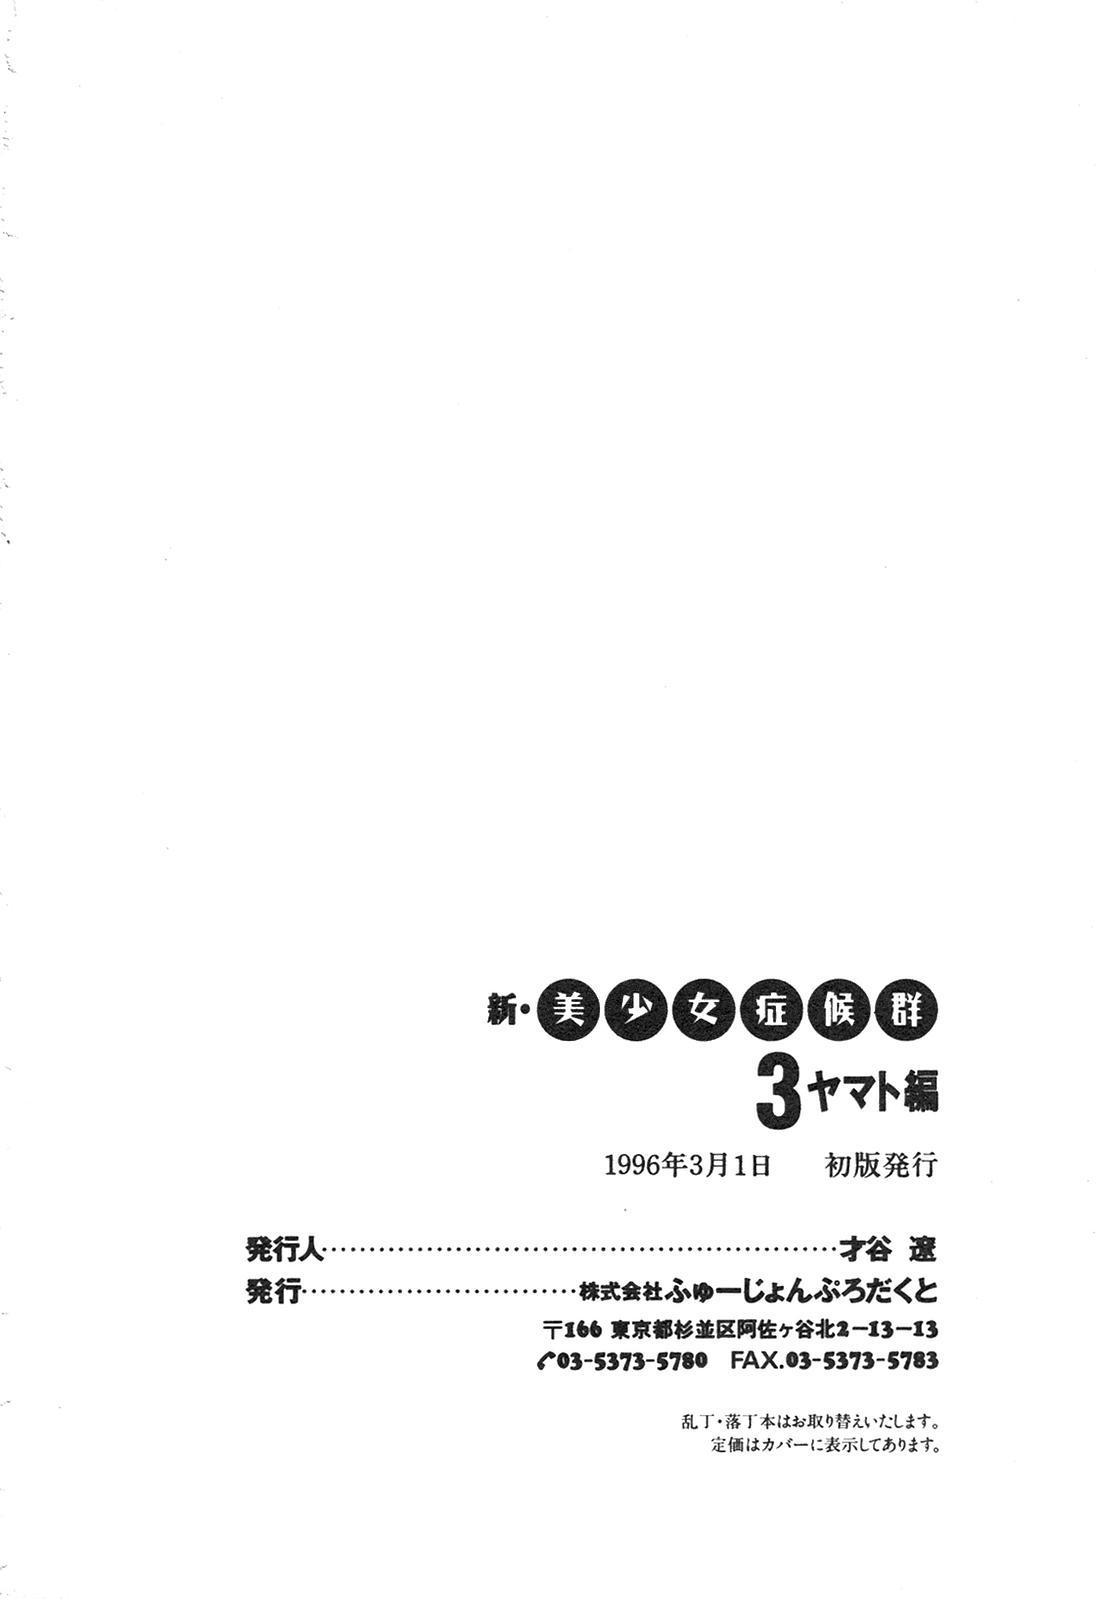 Shin Bishoujo Shoukougun 3 Yamato hen 202